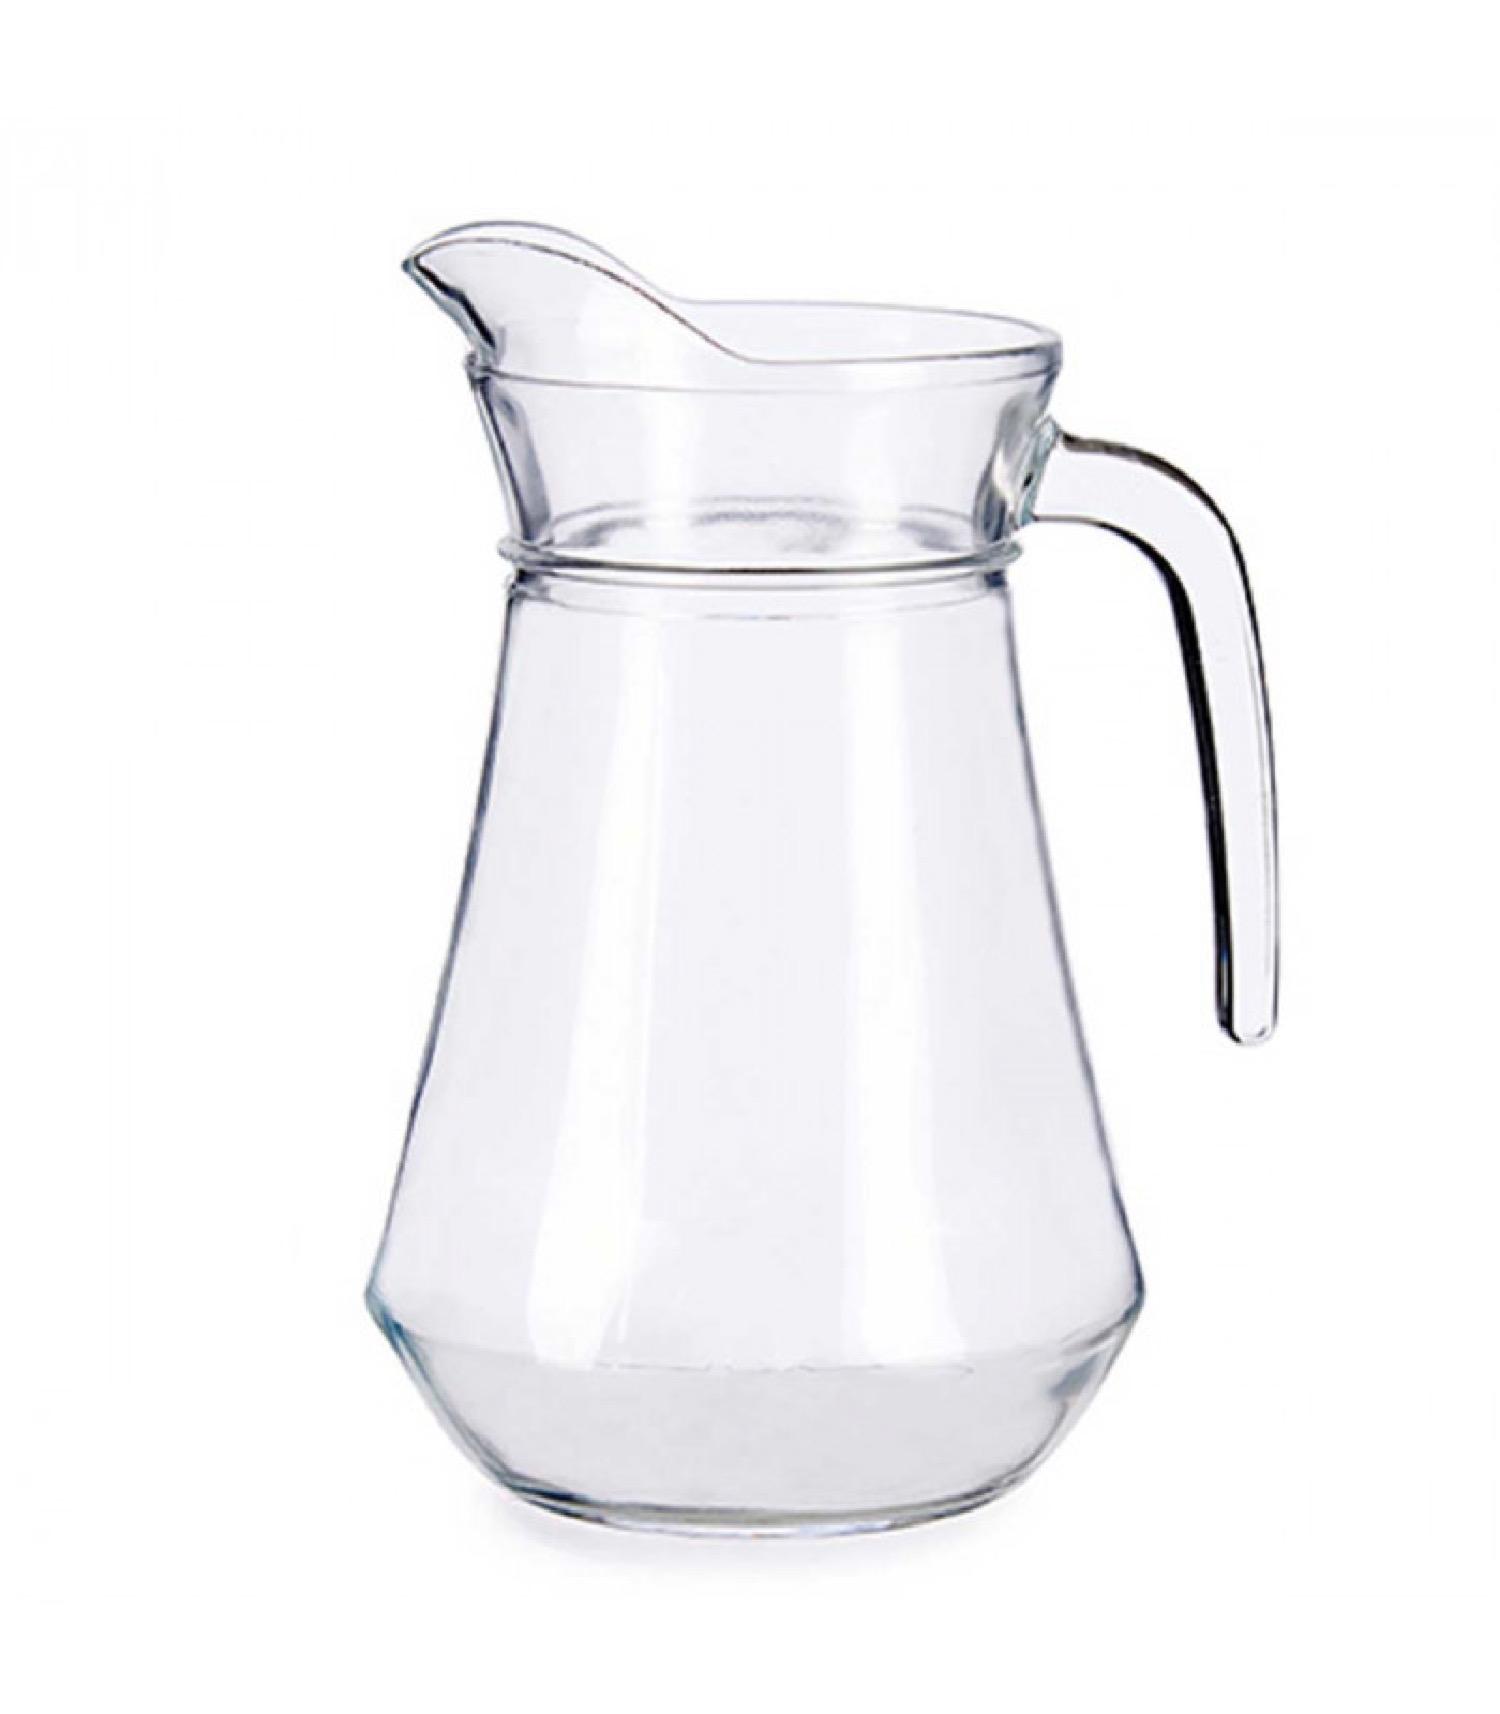 Pichet à eau ou jus en verre 1,3L